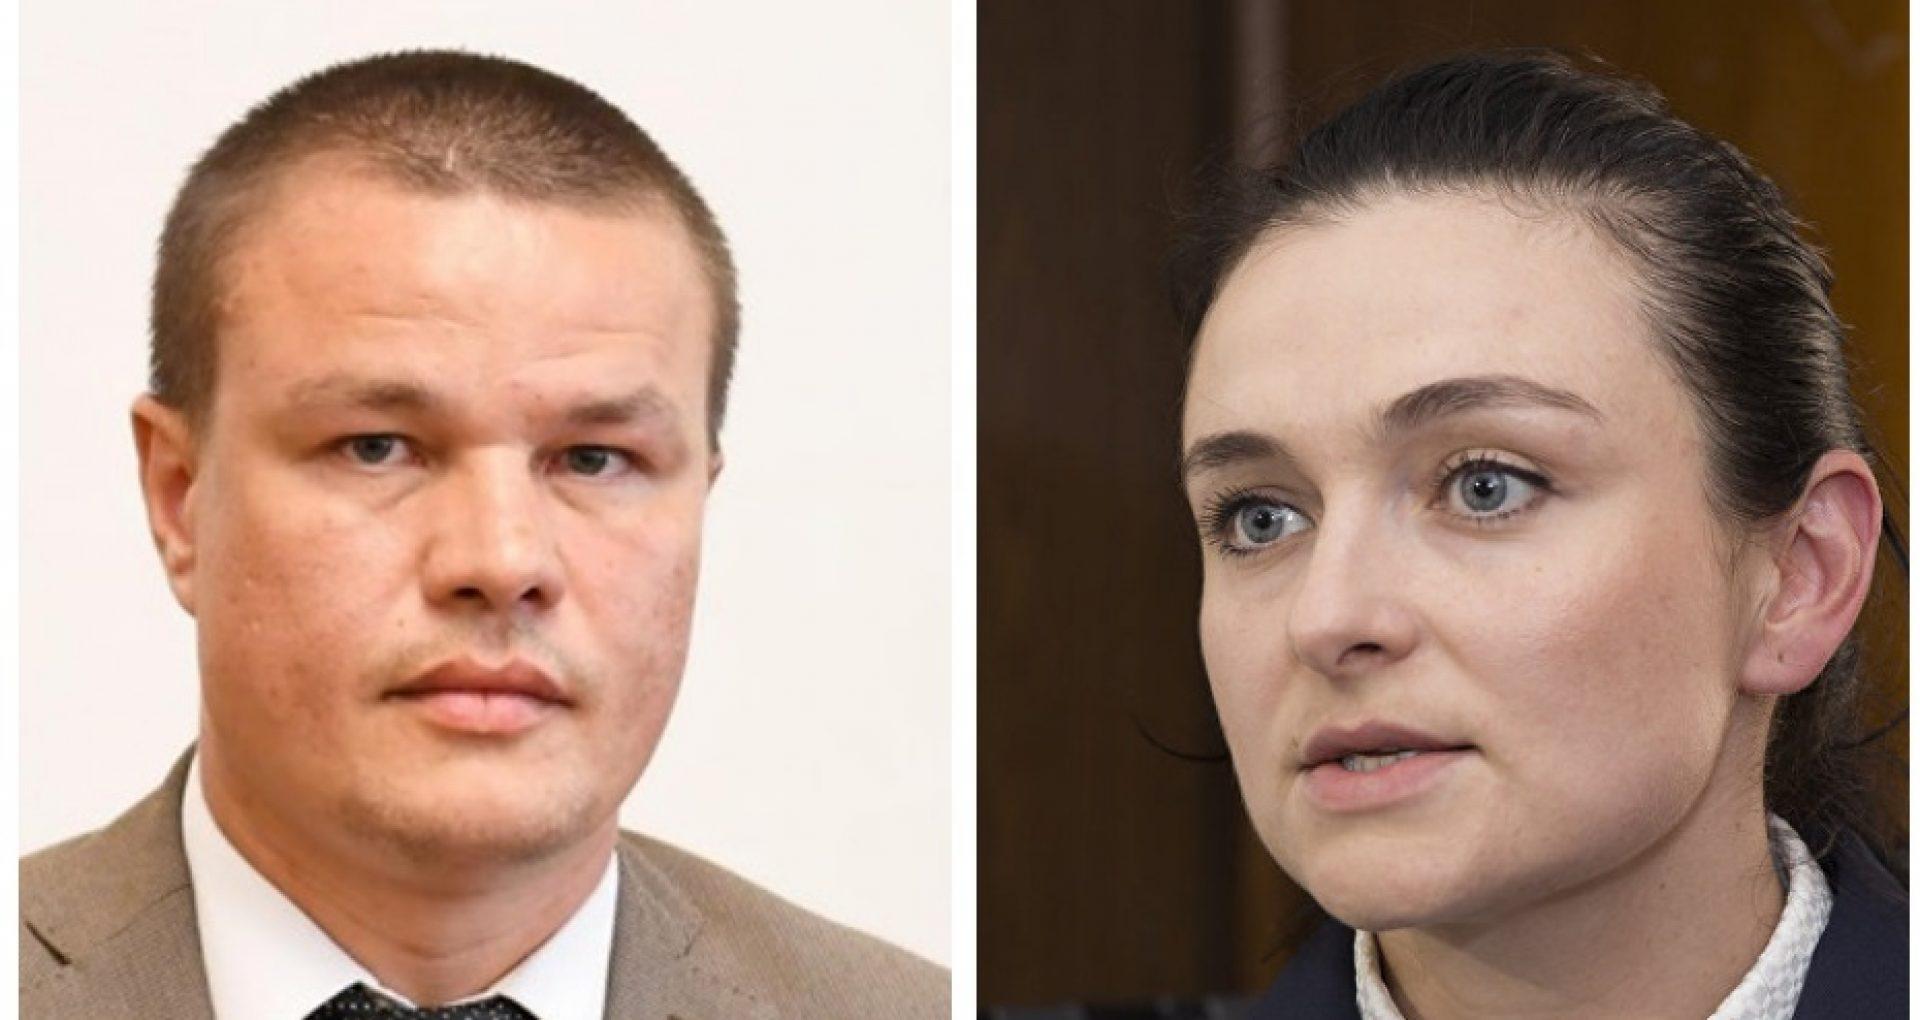 Dosarul Marinei Tauber și Reghinei Apostolova: Robu a cerut ridicarea imunității, iar Furtună a instrumentat cauza, apoi și-a retras acuzațiile